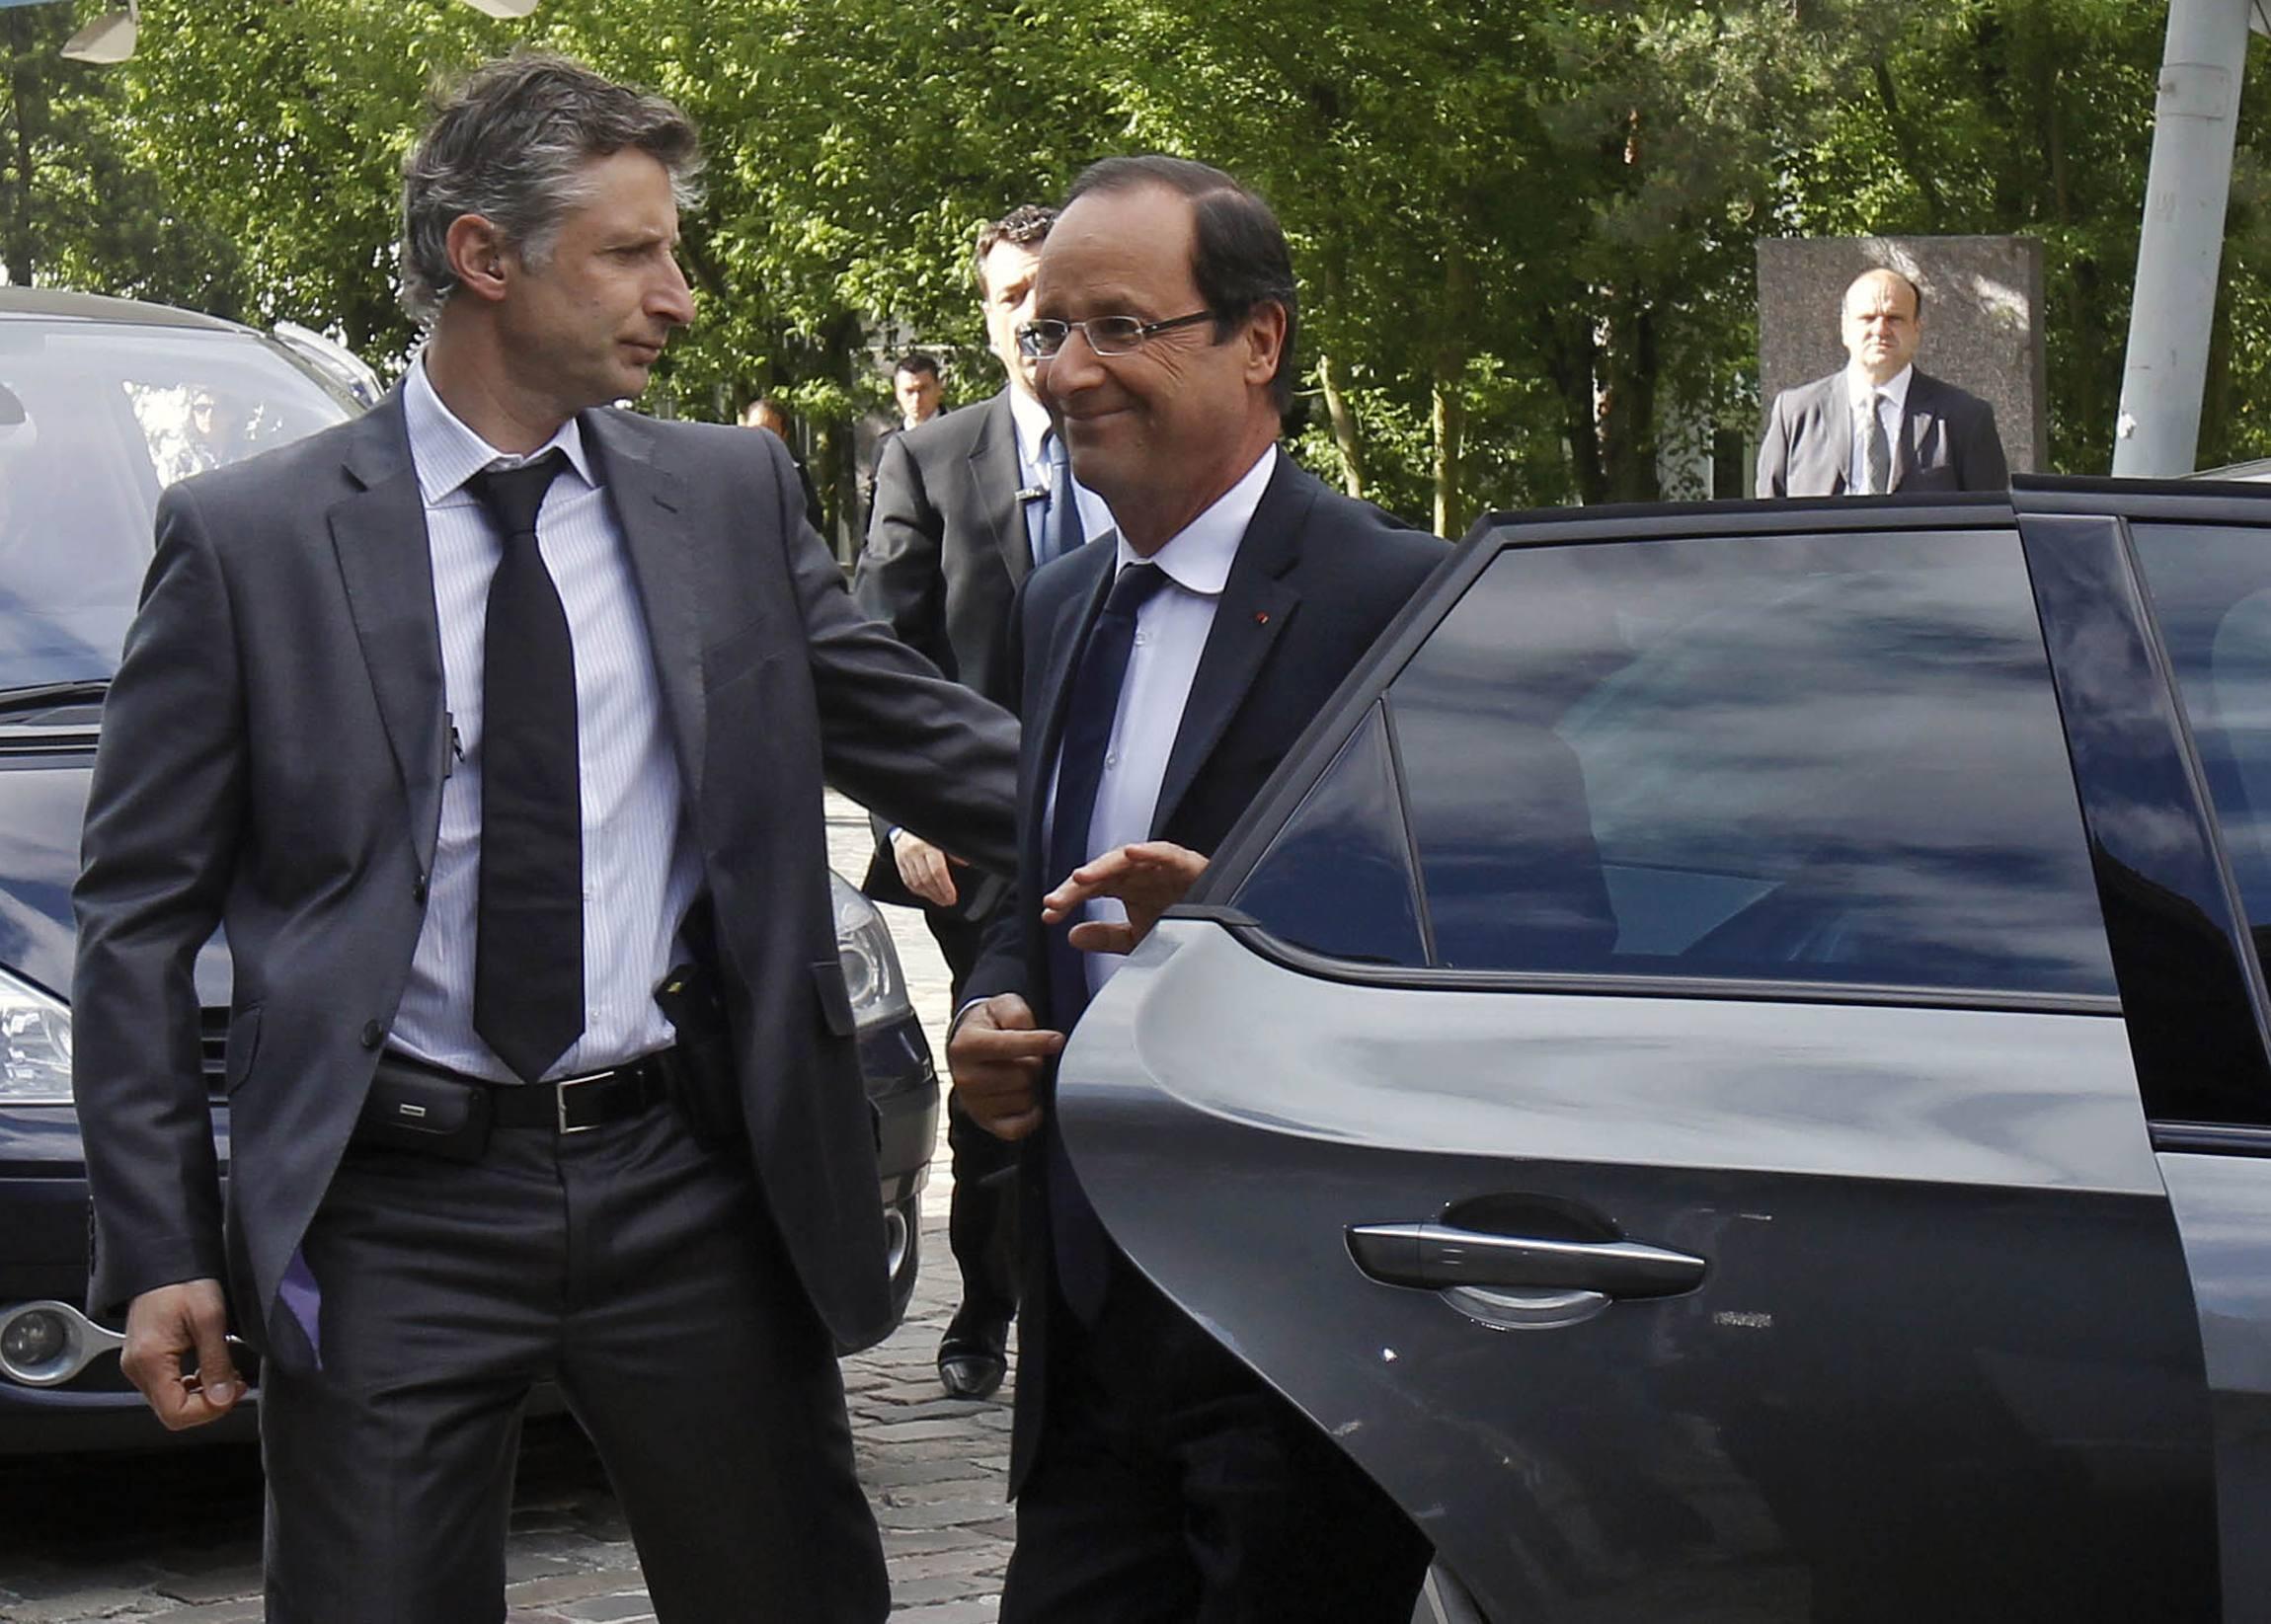 El presidente francés François Hollande (derecha)